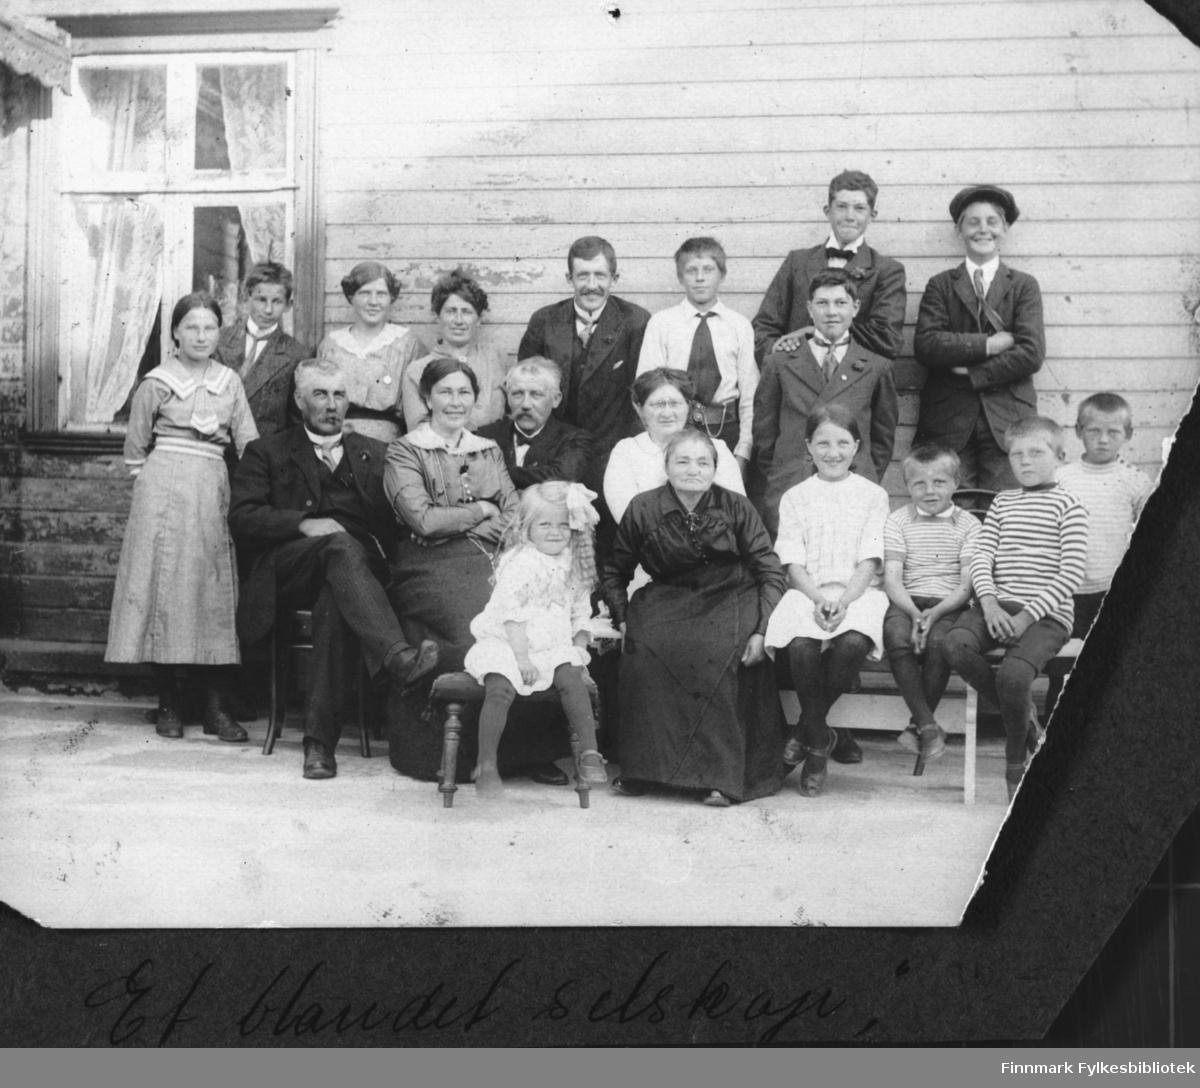 Gruppebilde, dette kan være den tallrike Klykken-familien i Skjøtningberg. Håndskrevet under bildet: 'Et blandet selskap'. B 5731